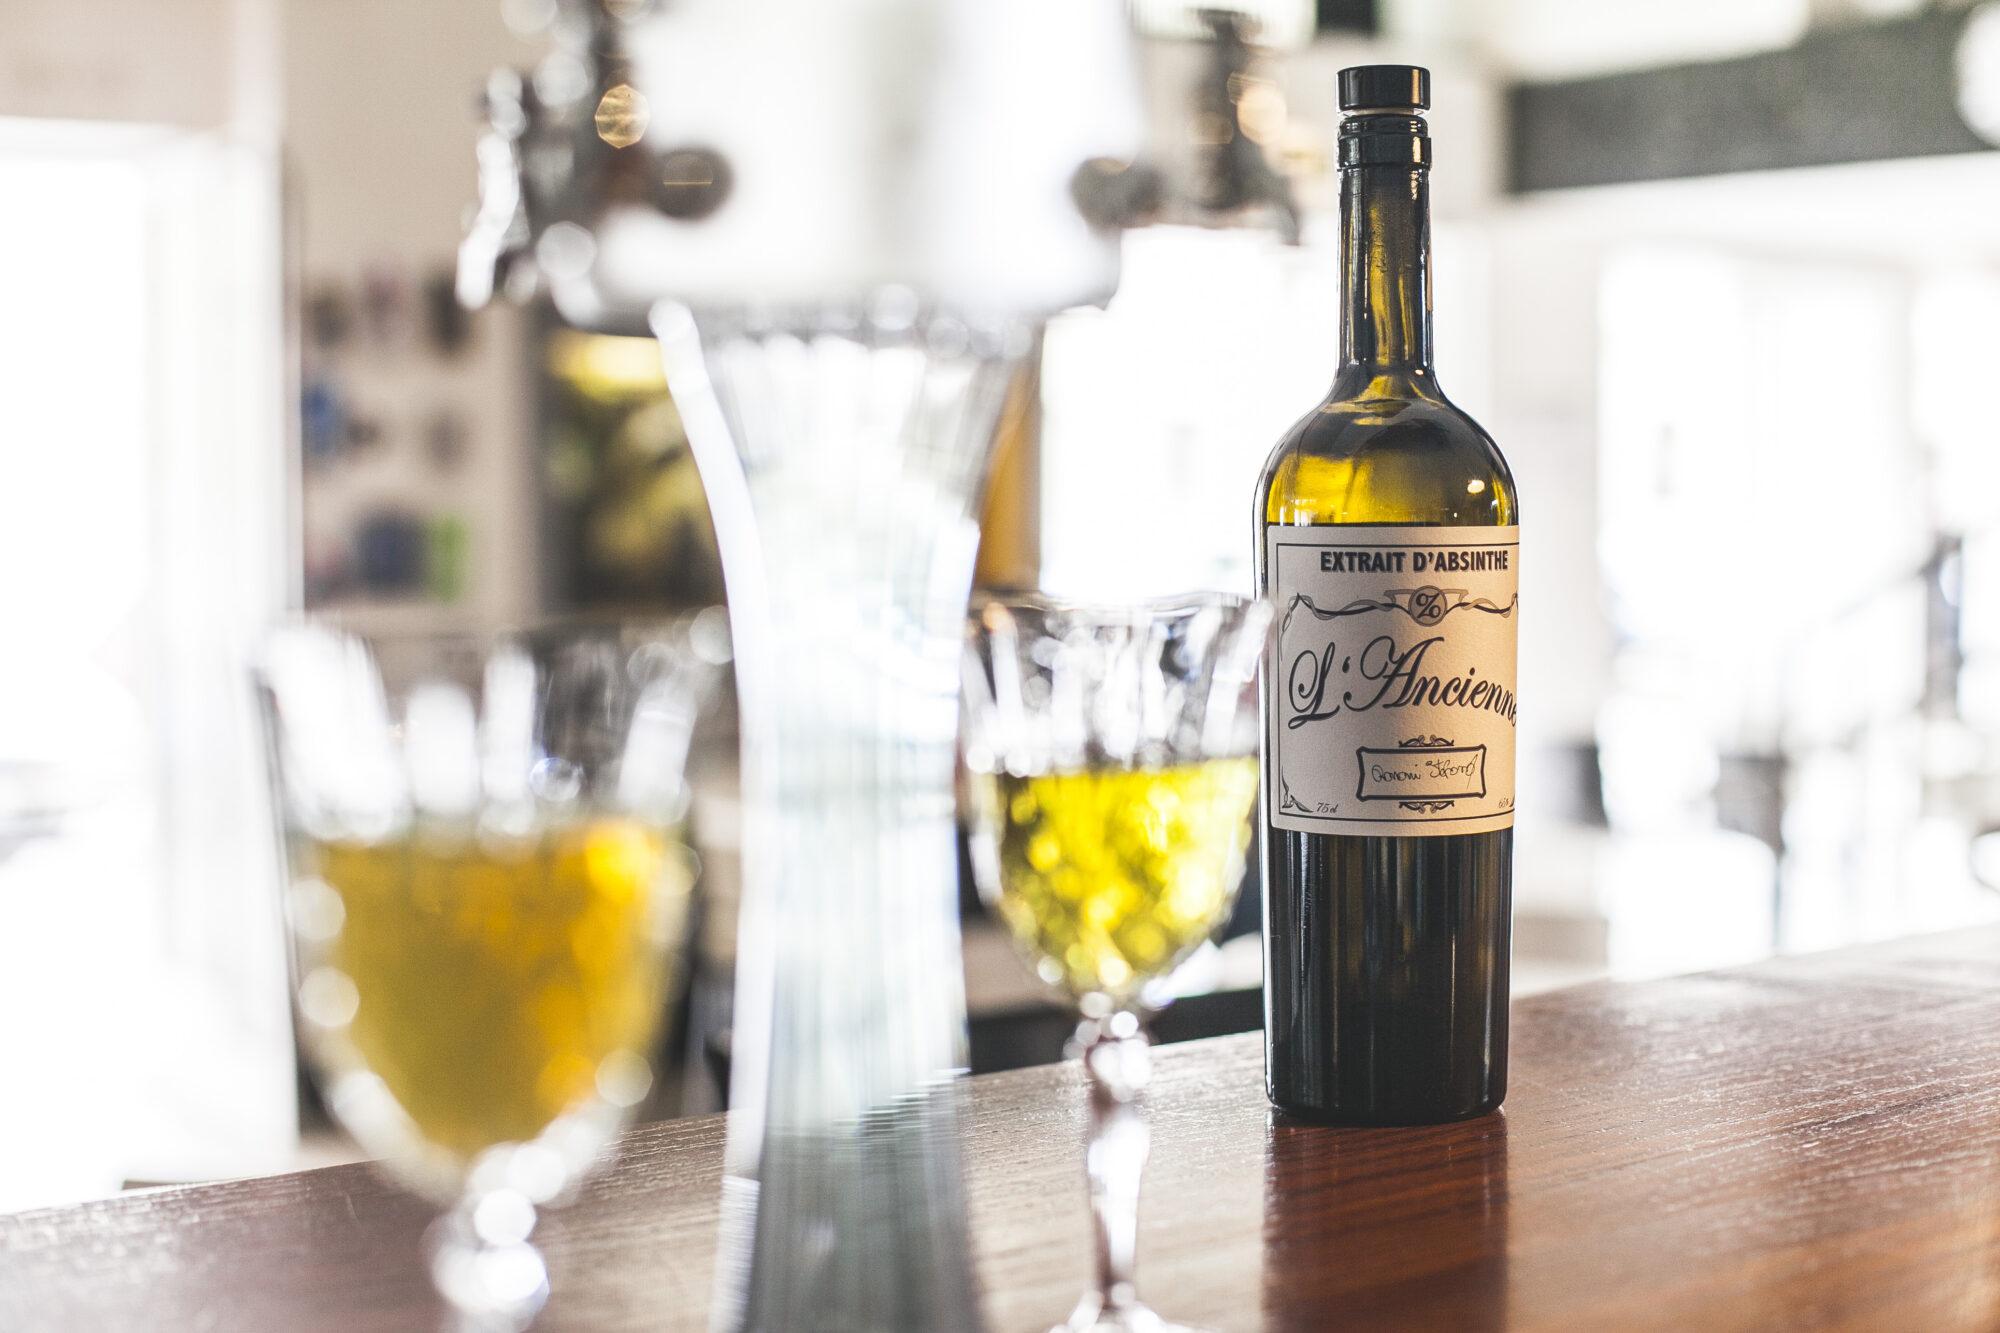 L'Ancienne absinthe